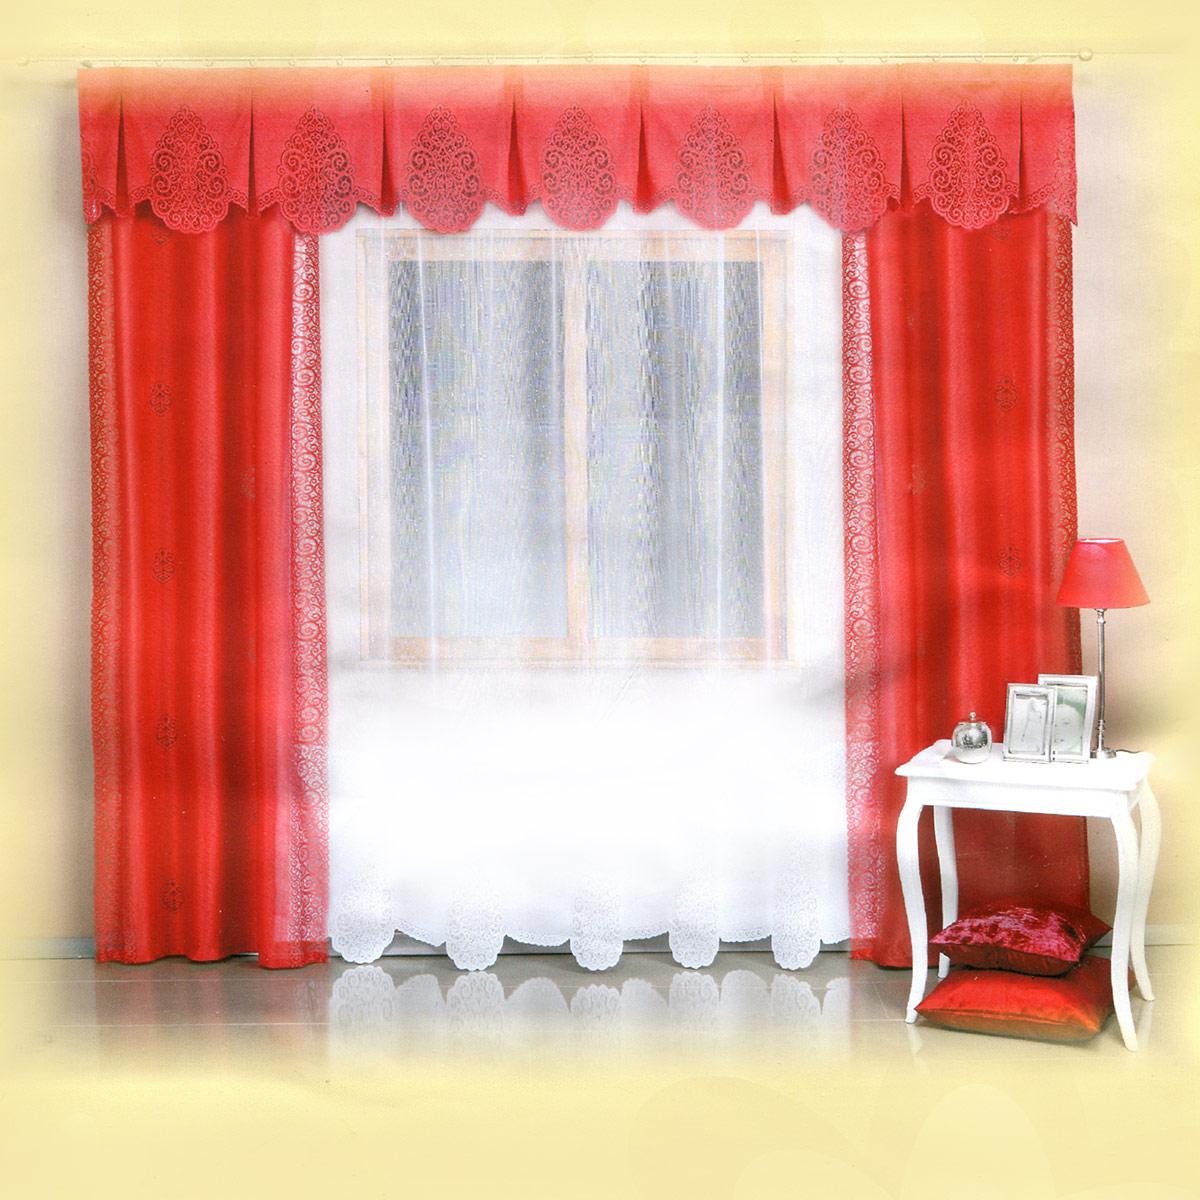 Комплект штор Wisan Wita, на ленте, цвет: алый, белый, высота 250 смSVC-300Роскошный комплект штор Wisan Wita, выполненный из полиэстера, великолепно украсит любое окно. Комплект состоит из двух штор, тюля и ламбрекена. Шторы выполнены из полиэстера и декорированы ажурными вставками. Тюль с фигурными ажурными краями выполнен из полупрозрачной ткани белого цвета. Фигурный ламбрекен выполнен из ажурной ткани.Нежная воздушная текстура, оригинальный дизайн и нежная цветовая гамма привлекут к себе внимание и органично впишутся в интерьер комнаты. Все предметы комплекта - на шторной ленте для собирания в сборки.